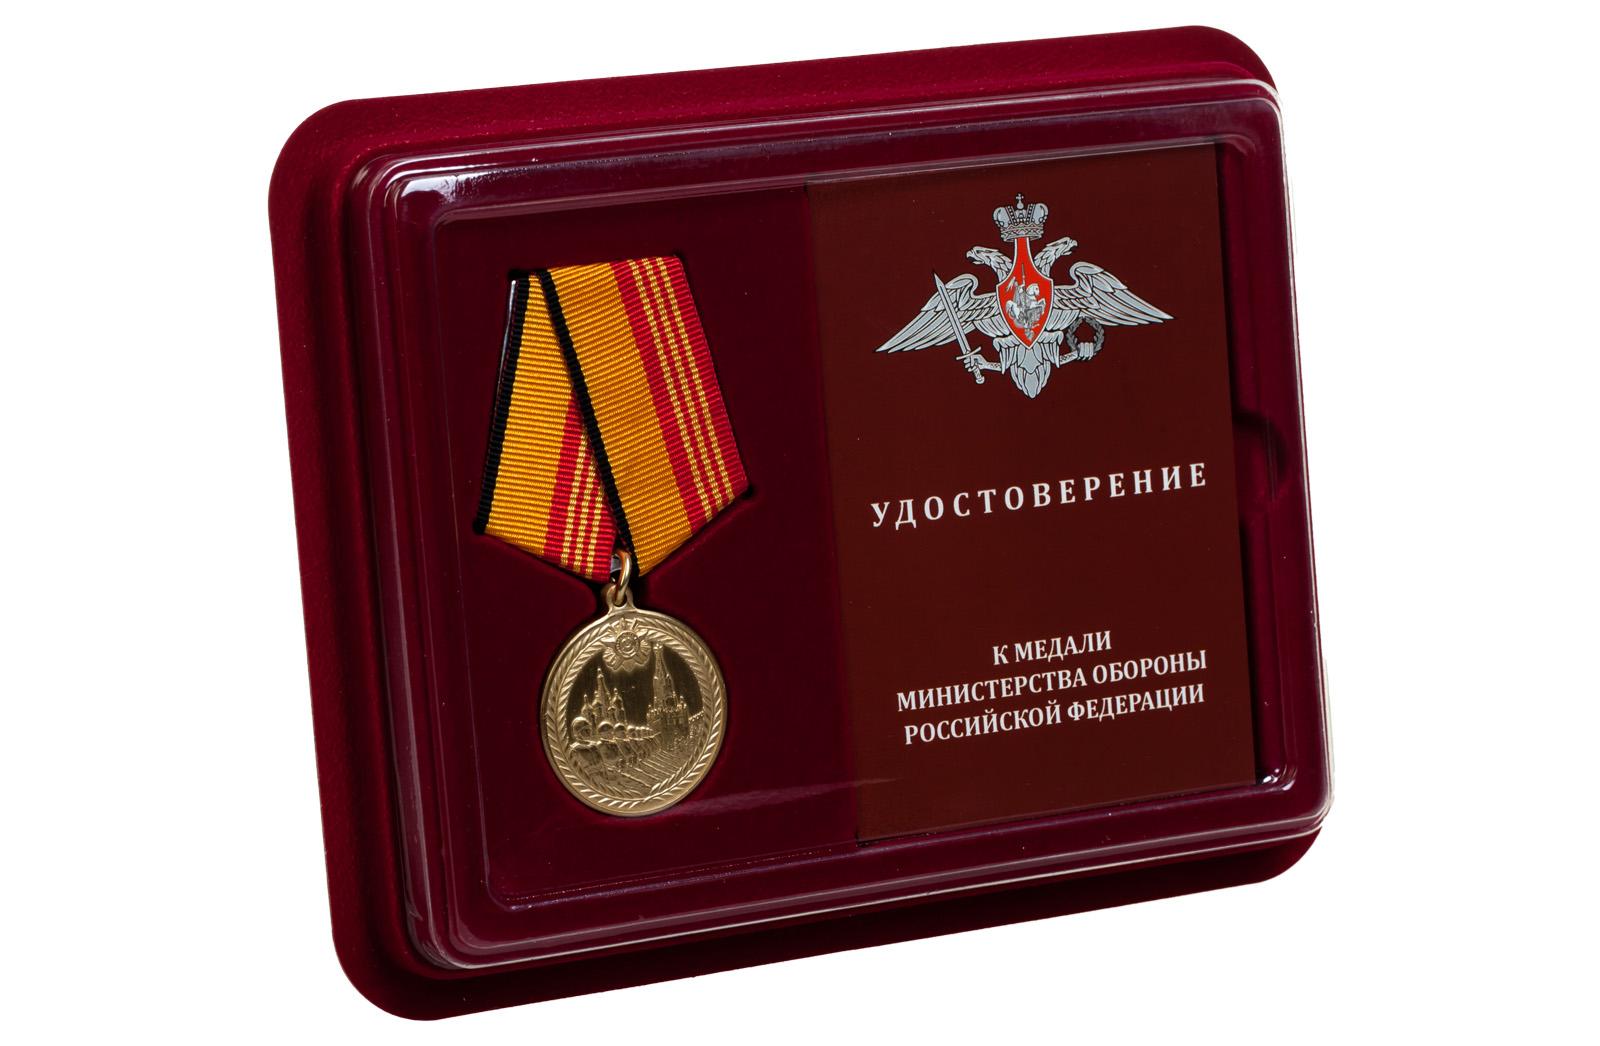 Купить памятную медаль Парад 70 лет Победы по экономичной цене